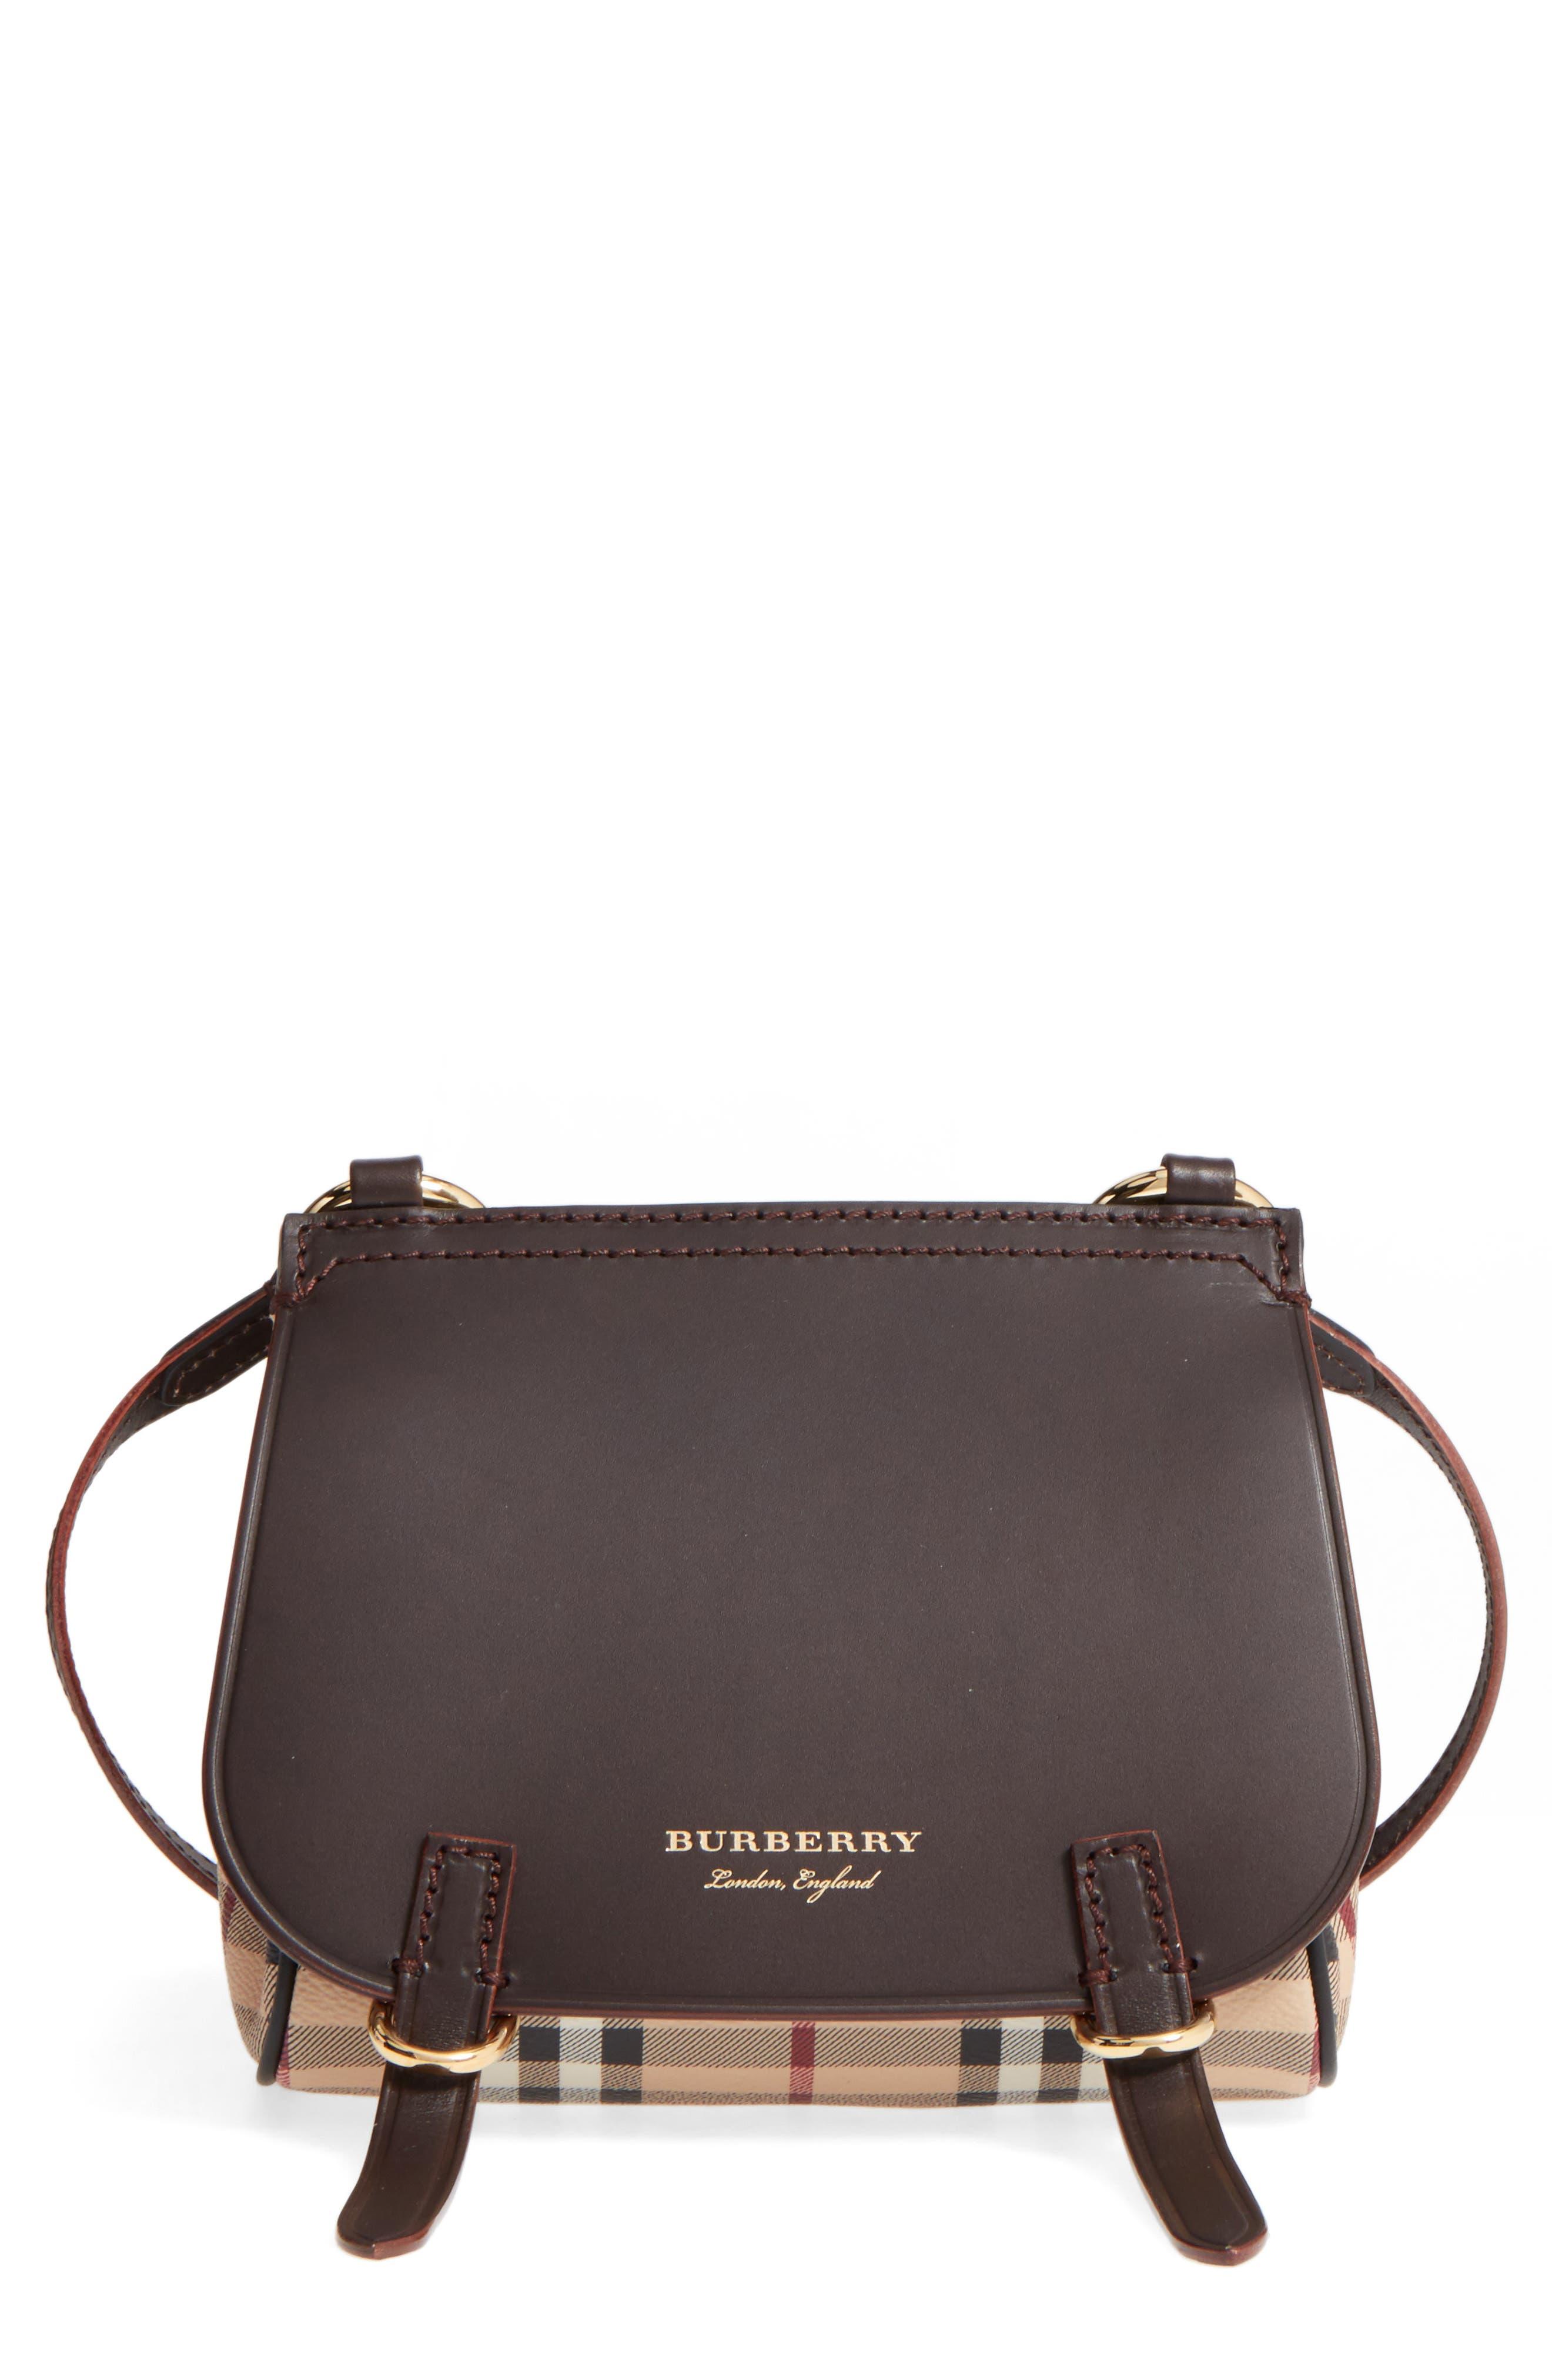 Burberry Bridle Shoulder Bag